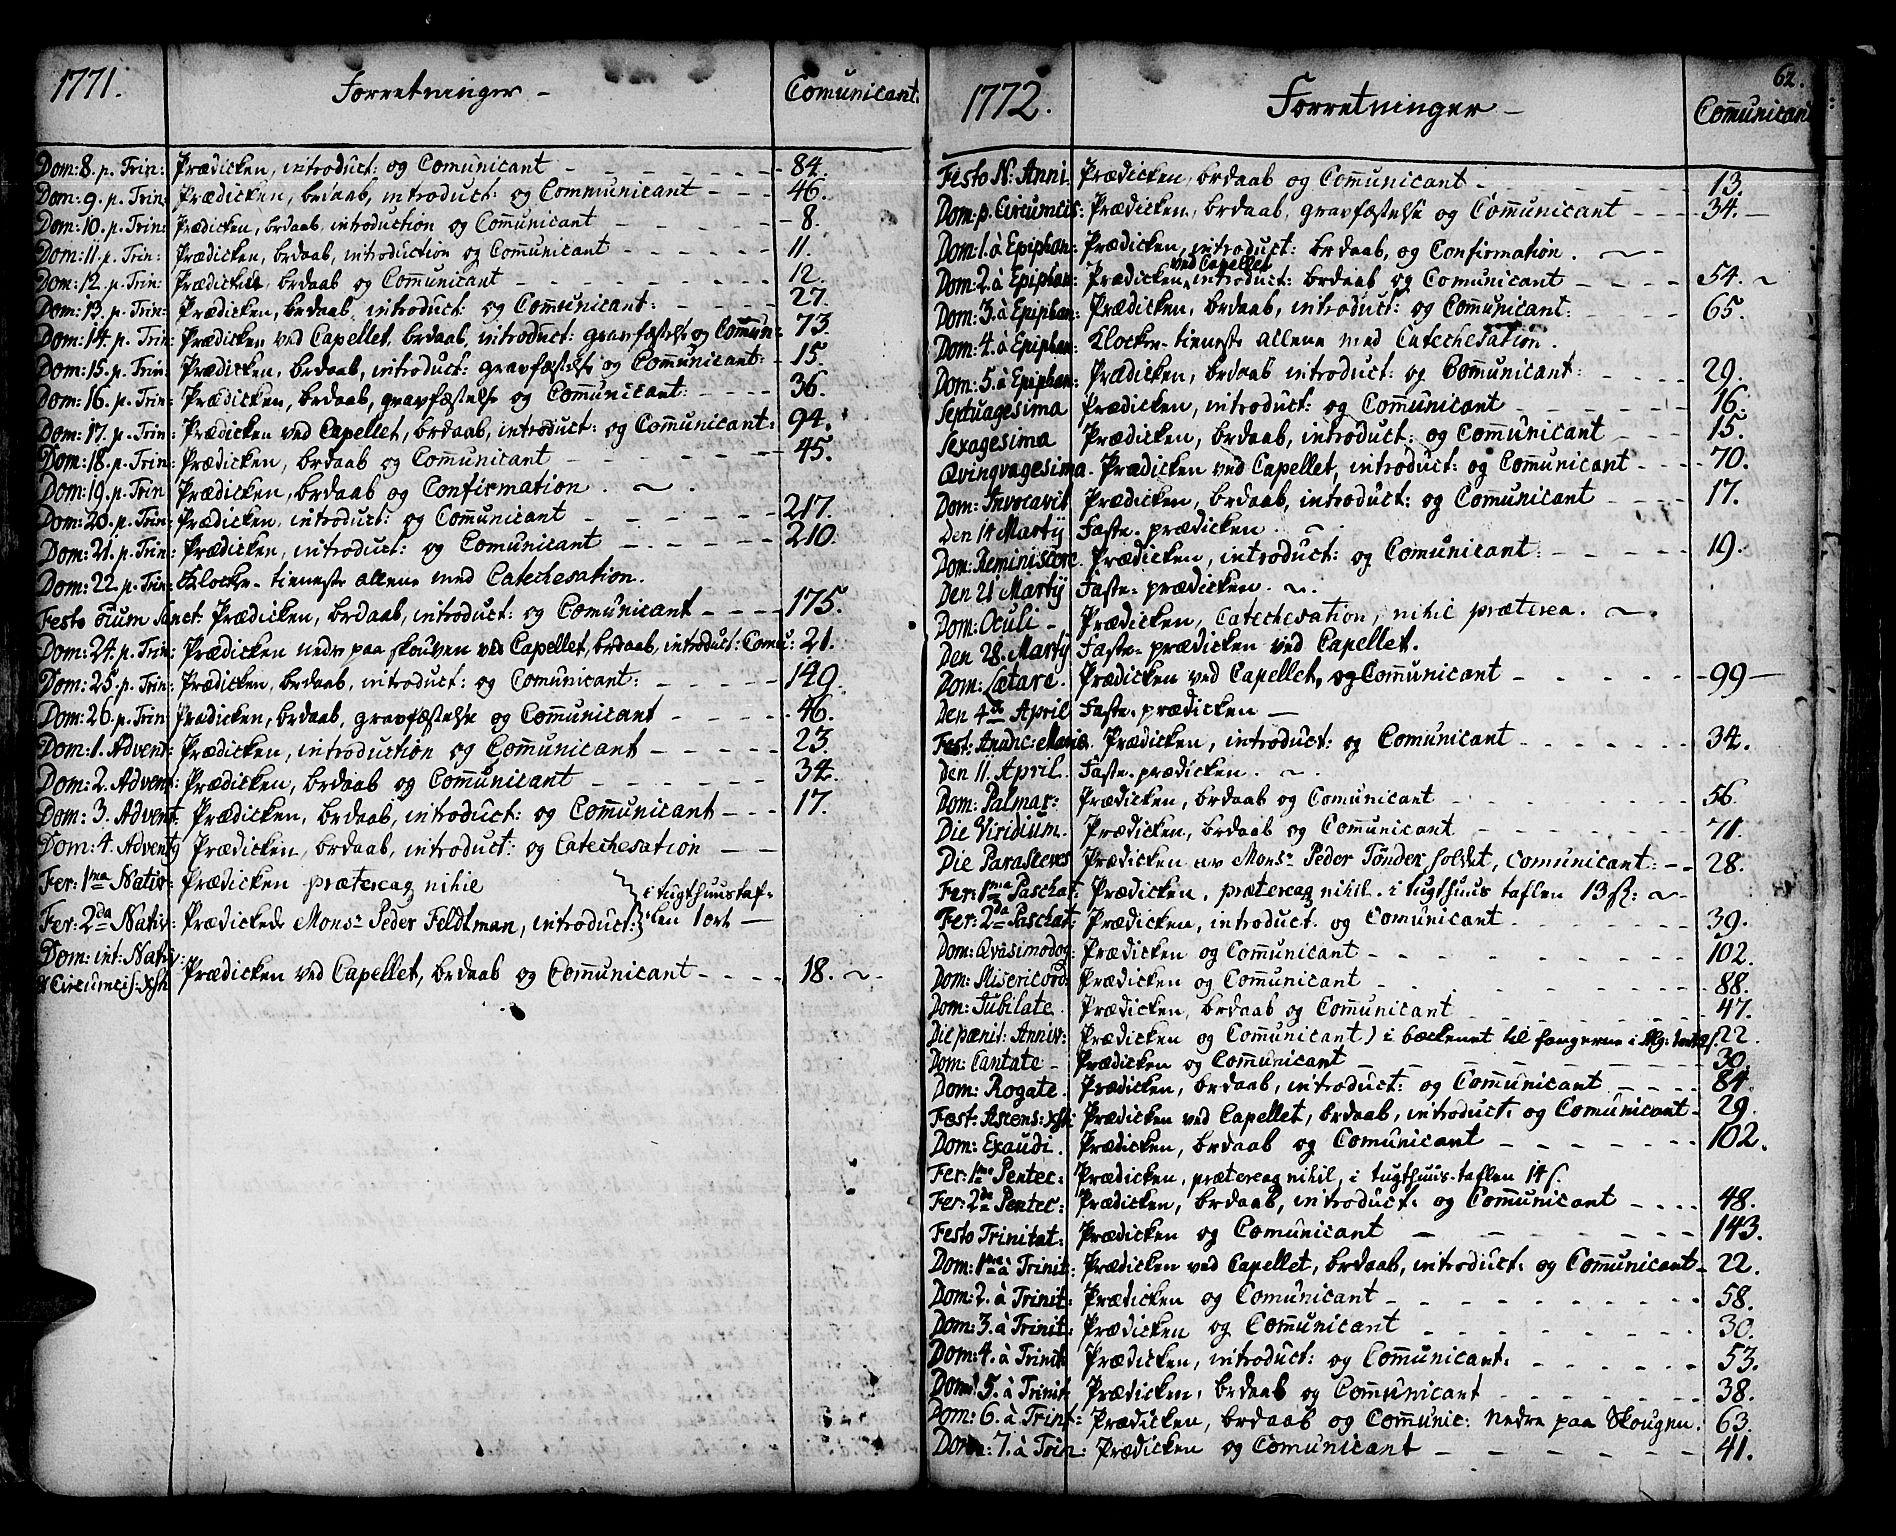 SAT, Ministerialprotokoller, klokkerbøker og fødselsregistre - Sør-Trøndelag, 678/L0891: Ministerialbok nr. 678A01, 1739-1780, s. 62